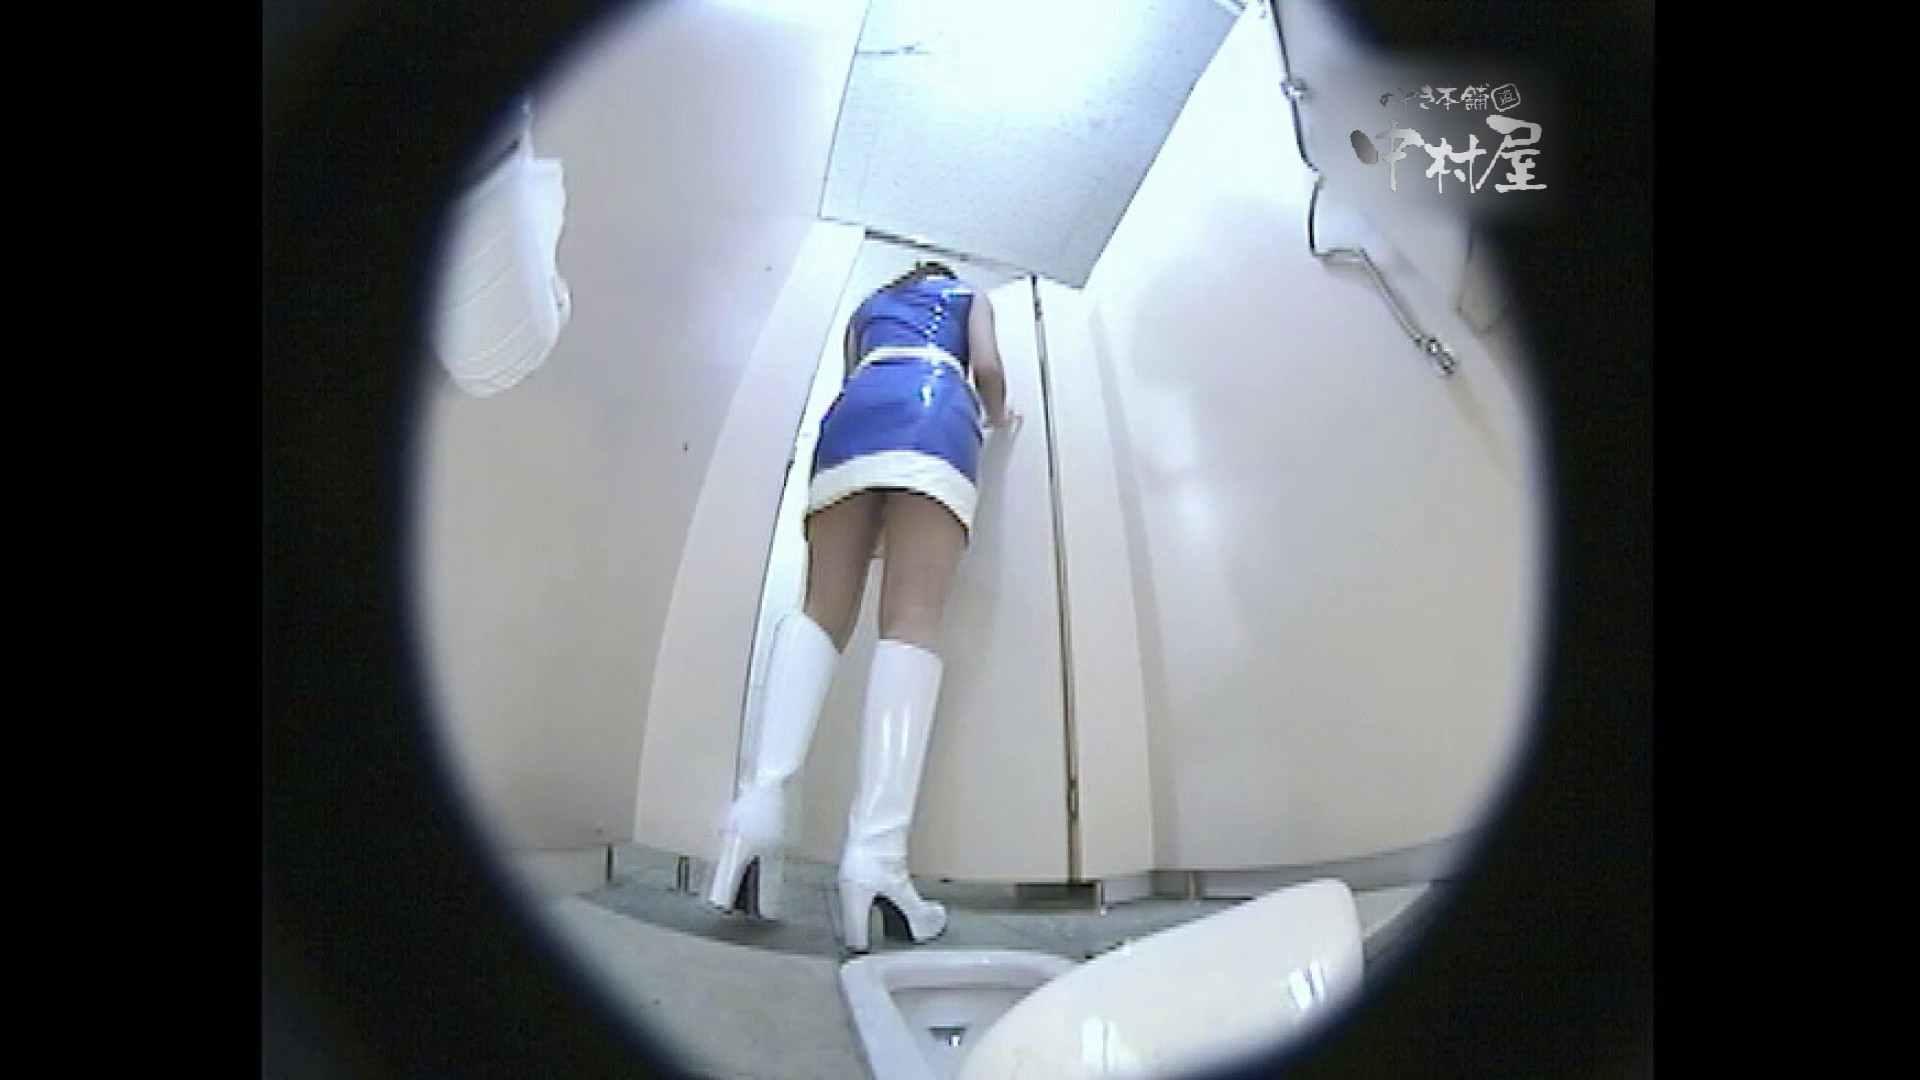 レースクィーントイレ盗撮!Vol.20 美女エロ画像 オマンコ動画キャプチャ 89PICs 4